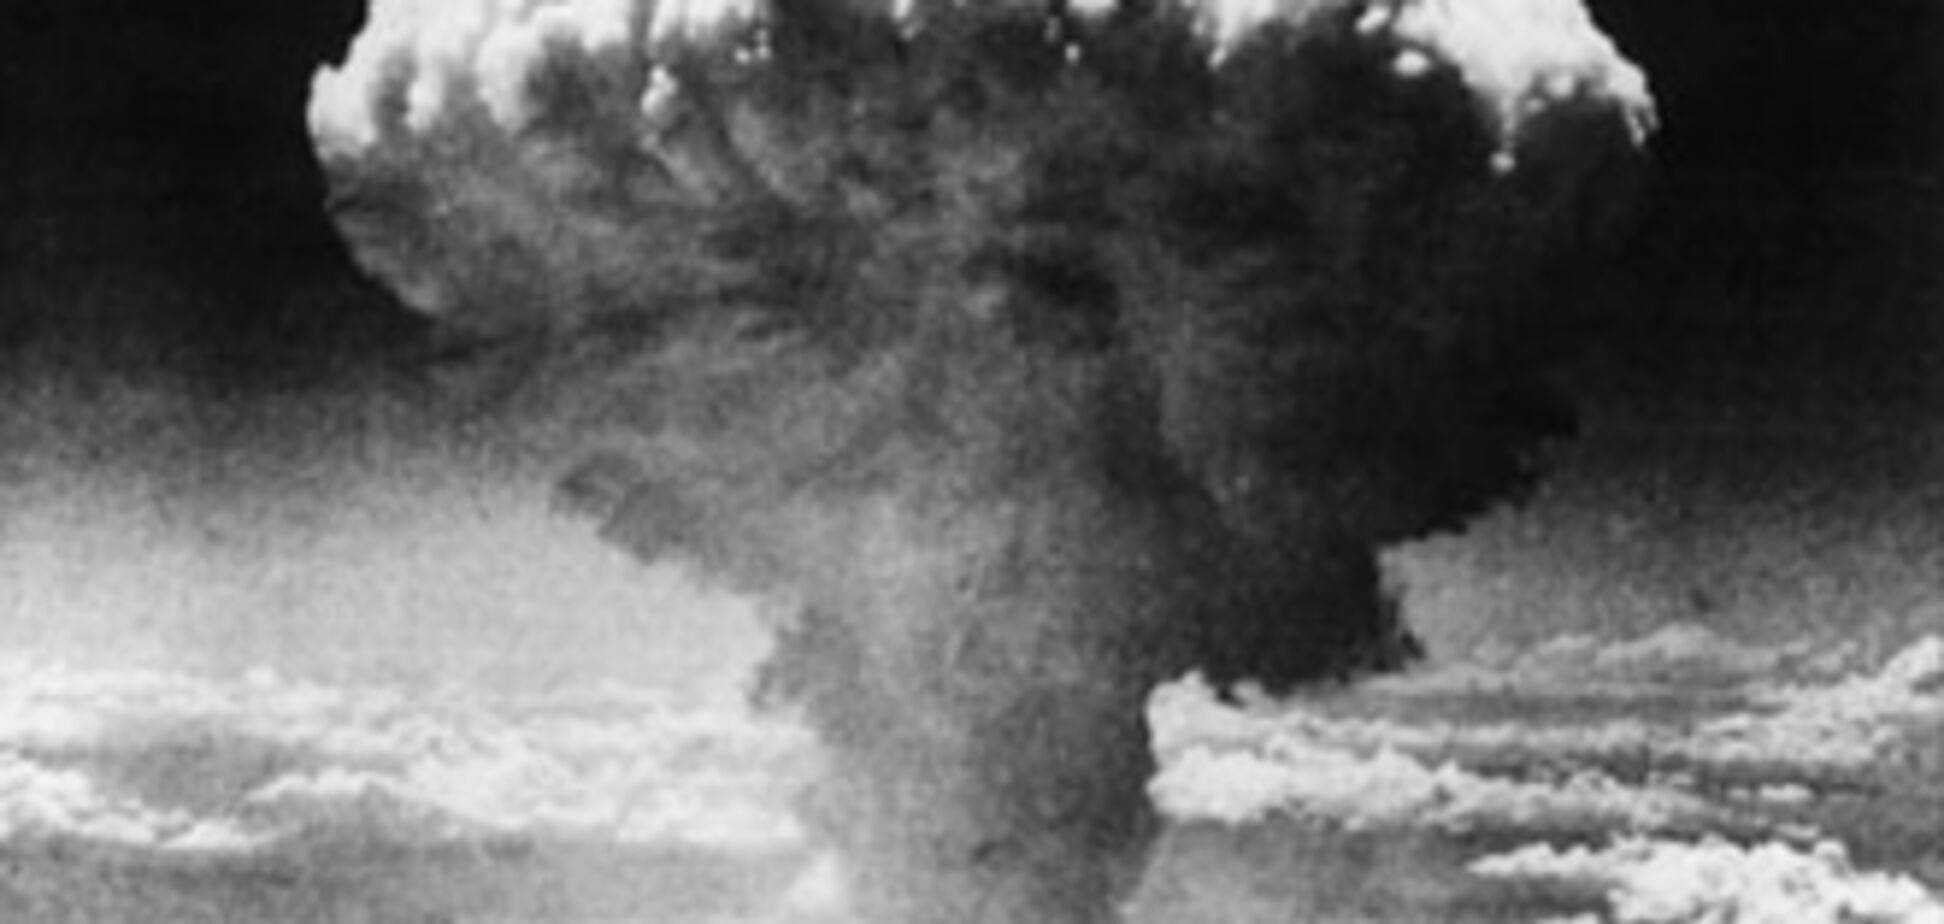 Річниця бомбардування Нагасакі. Як це било.ВІДЕО